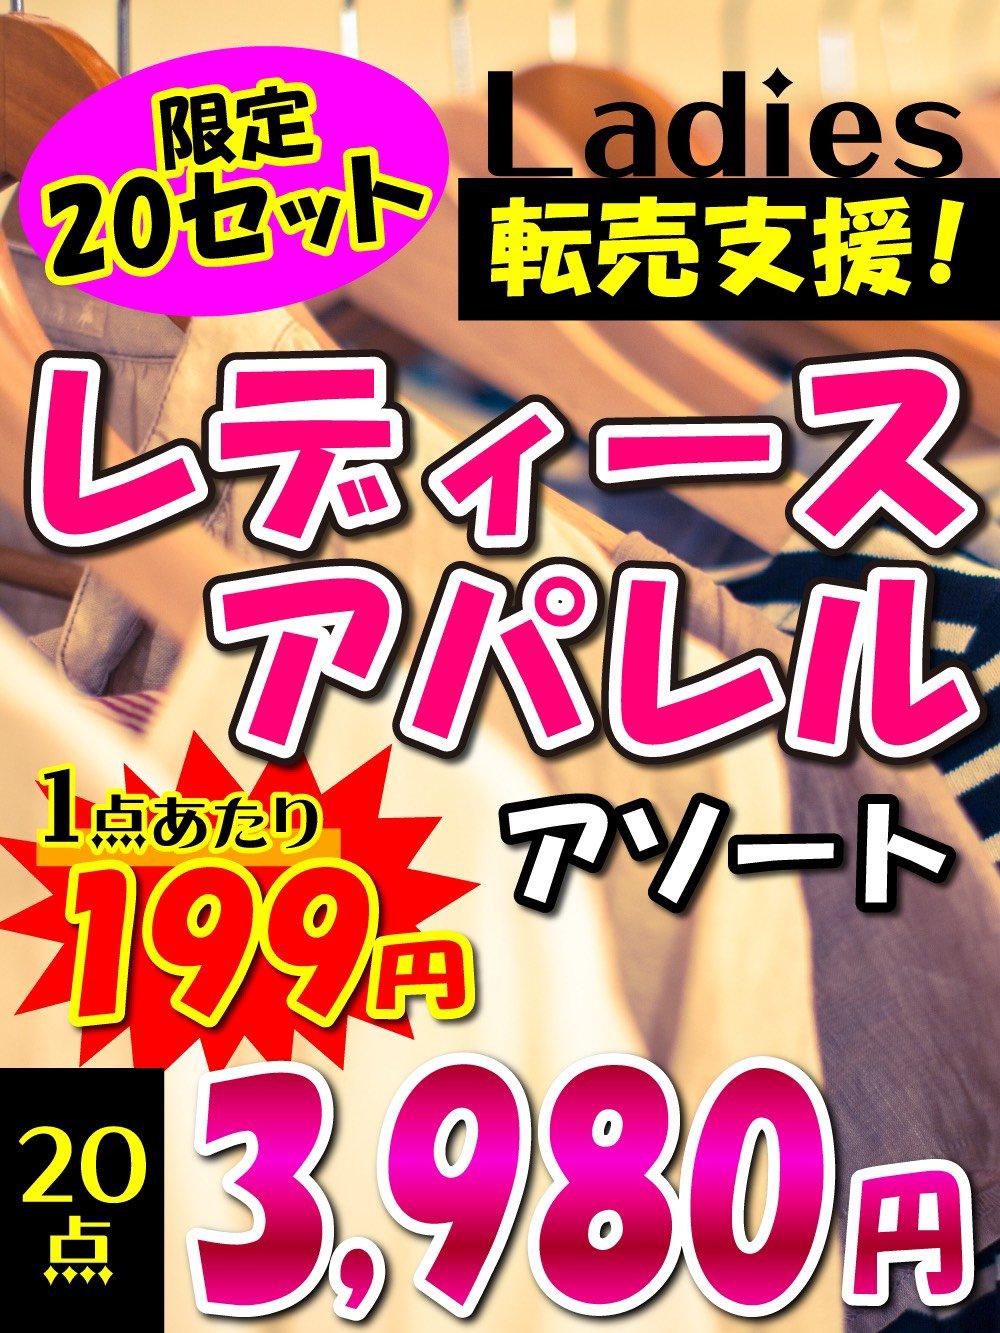 【限定20セット】転売支援!レディースアパレルアソート【20点】@199